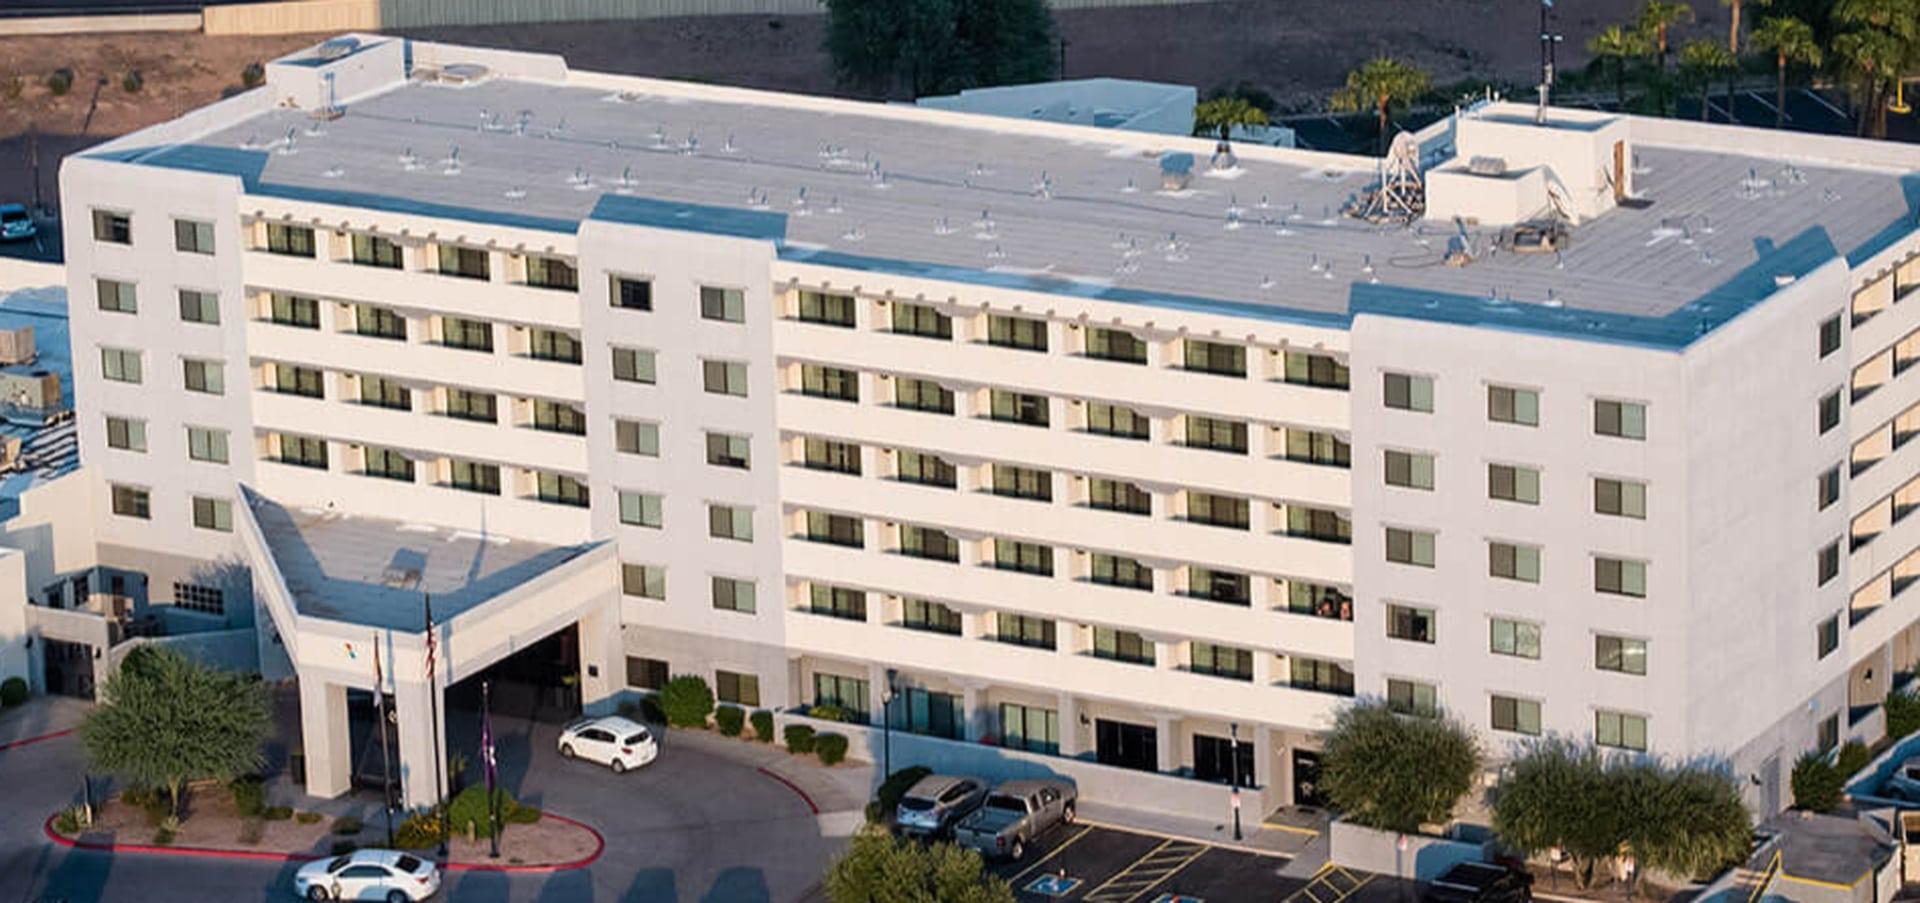 Birds-eye shot an Arizona hotel